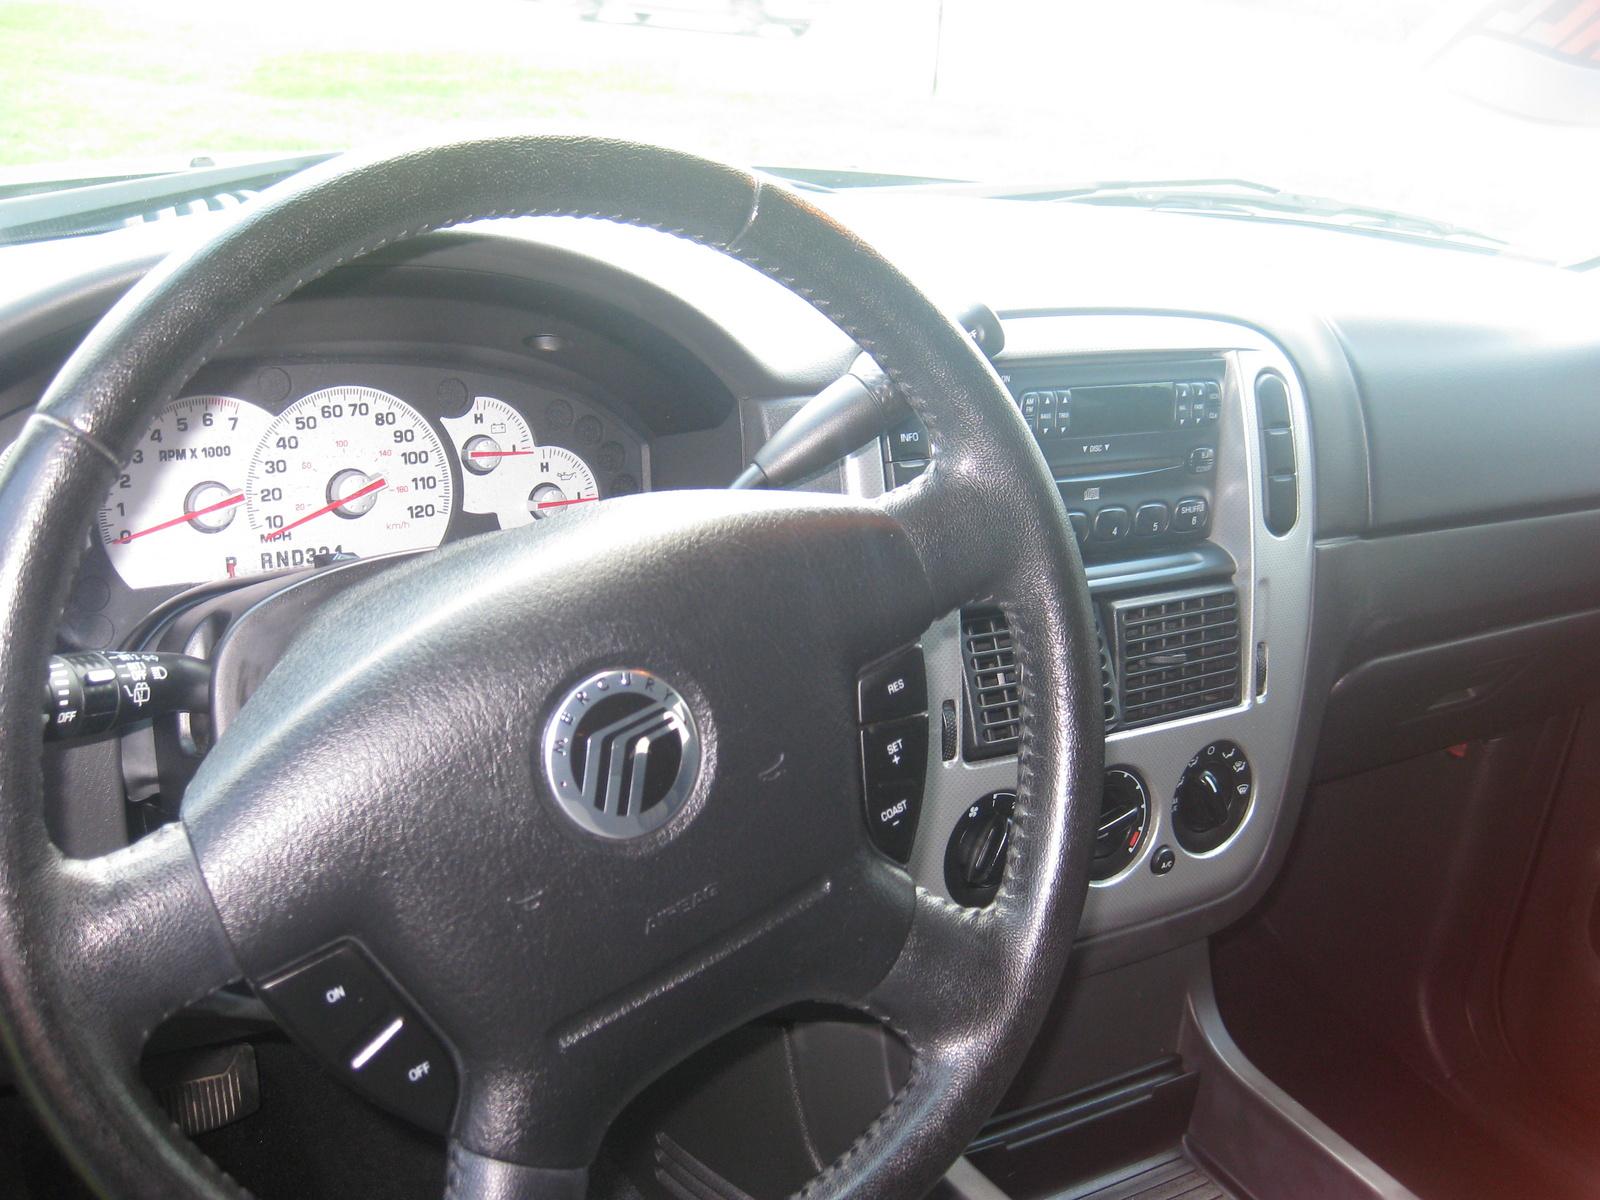 2005 Mercury Mountaineer Interior Pictures Cargurus